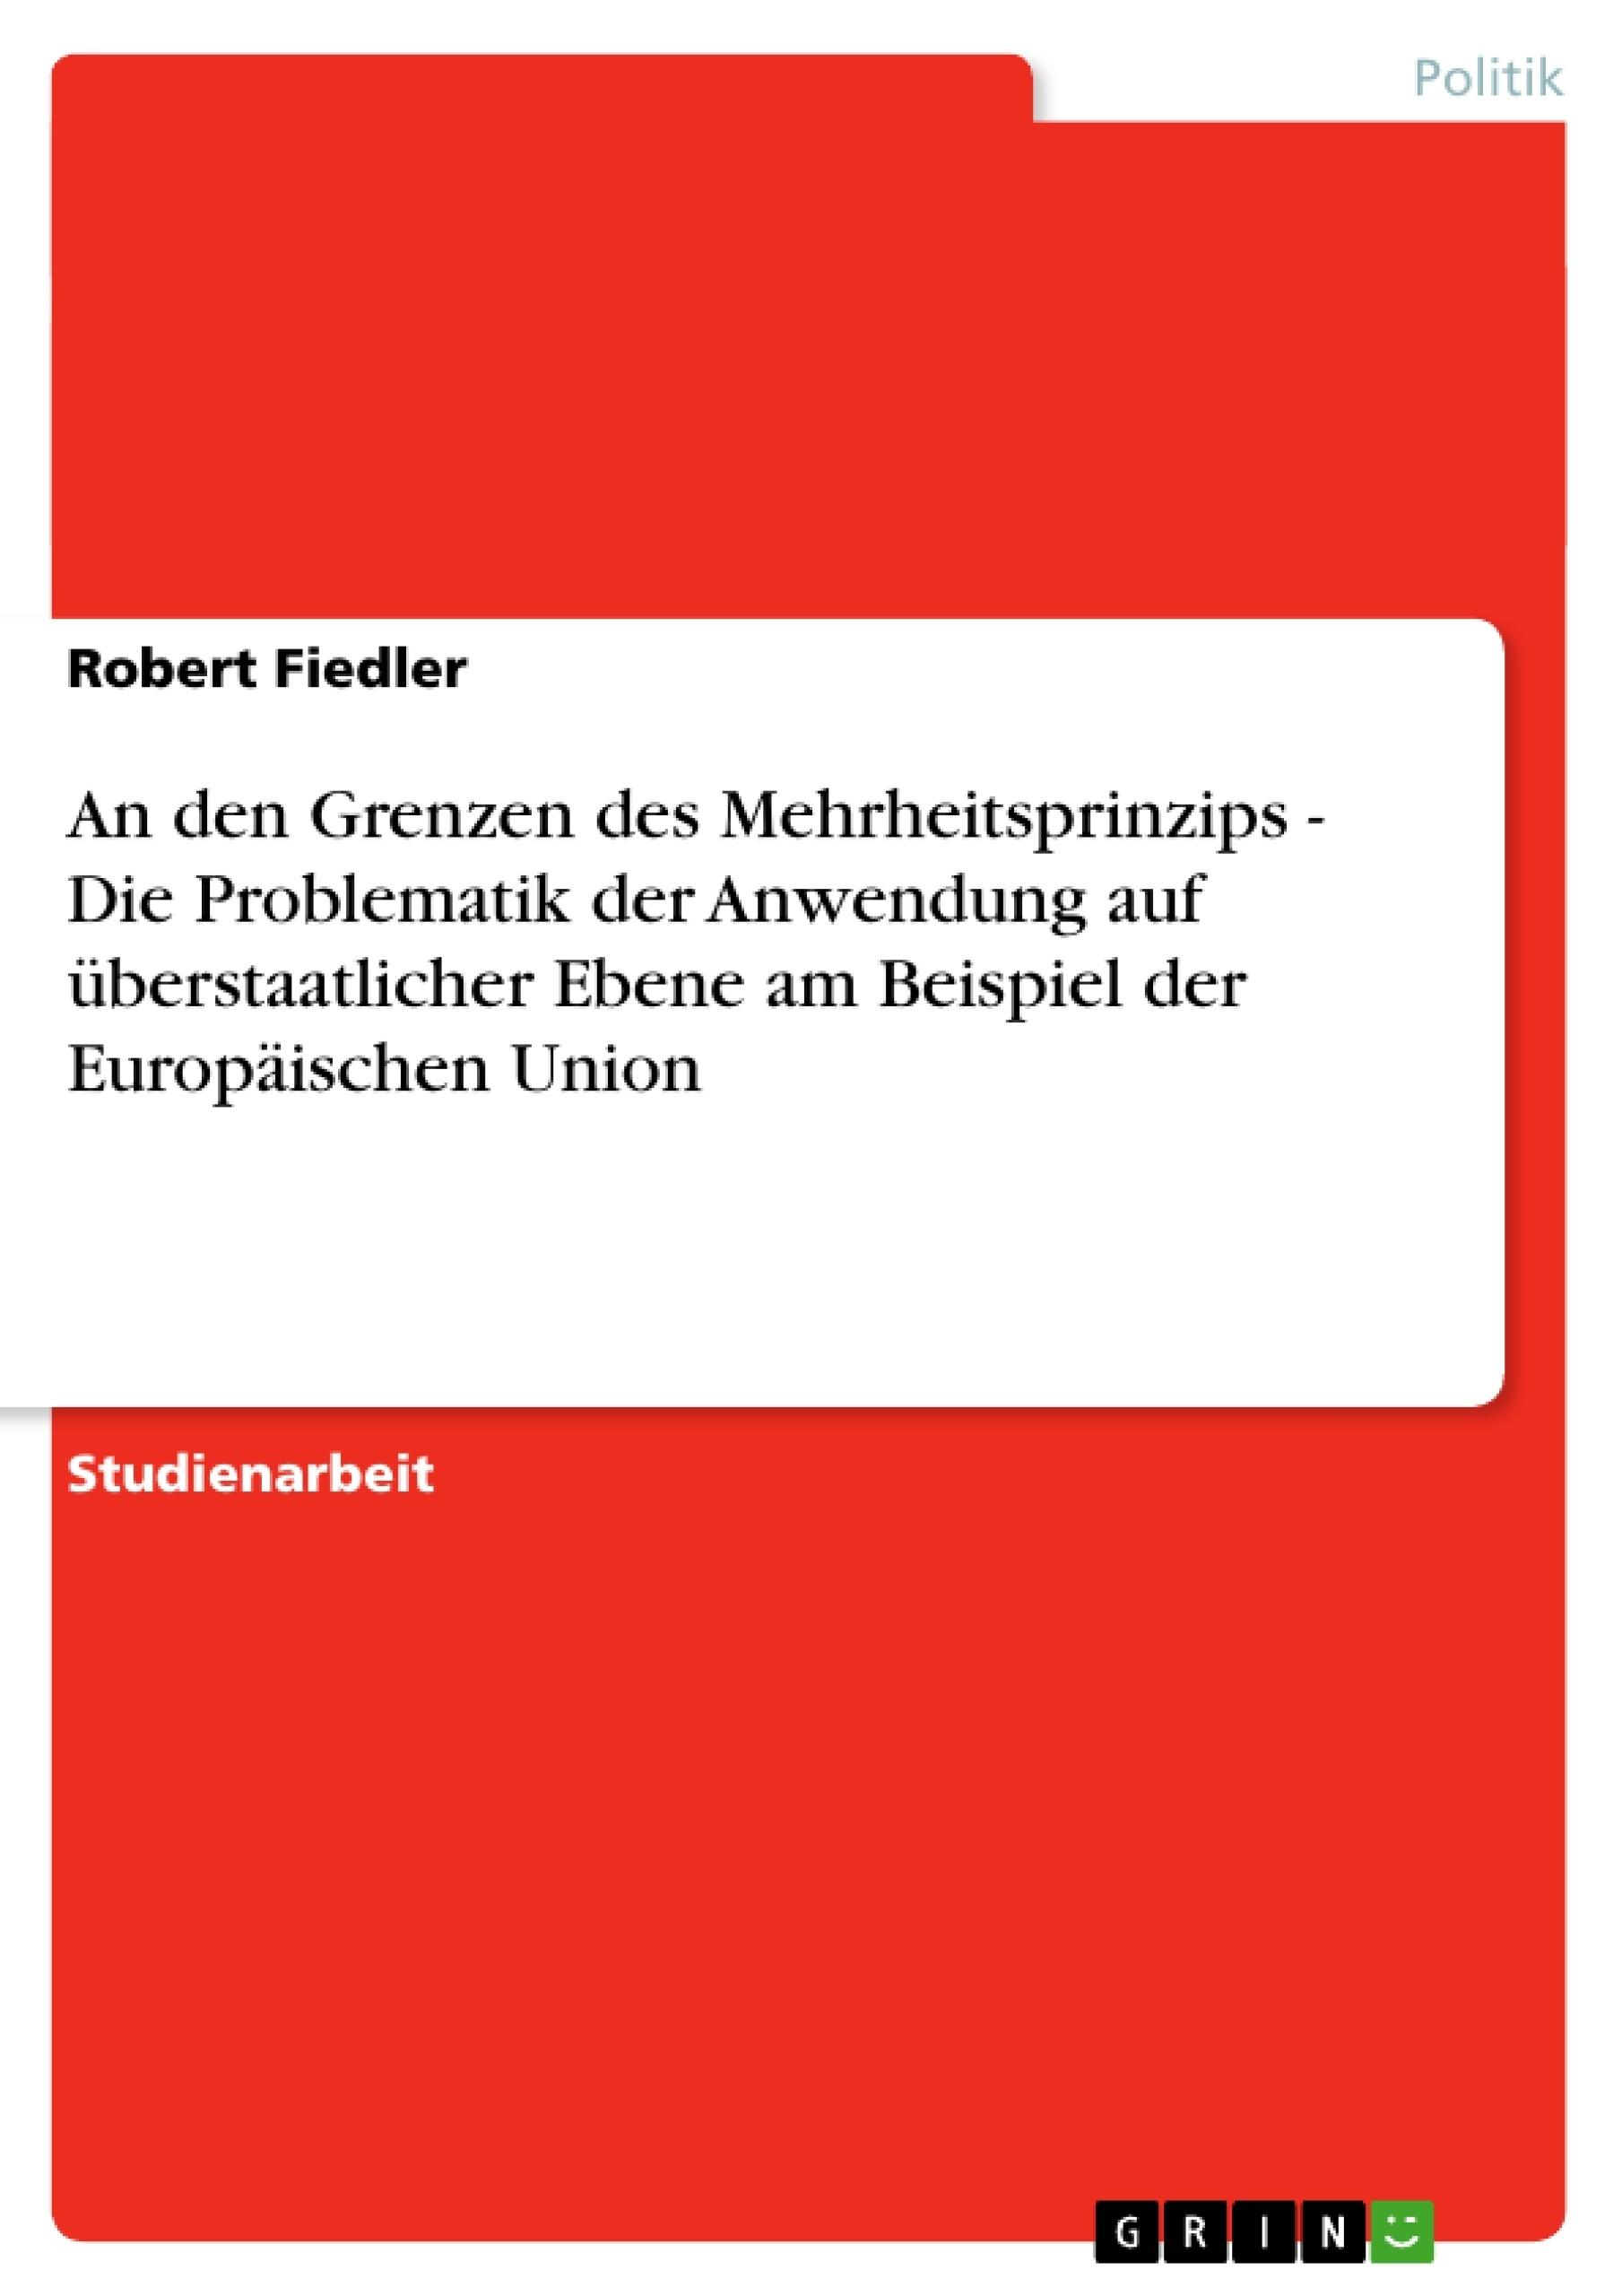 Titel: An den Grenzen des Mehrheitsprinzips - Die Problematik der Anwendung auf überstaatlicher Ebene am Beispiel der Europäischen Union